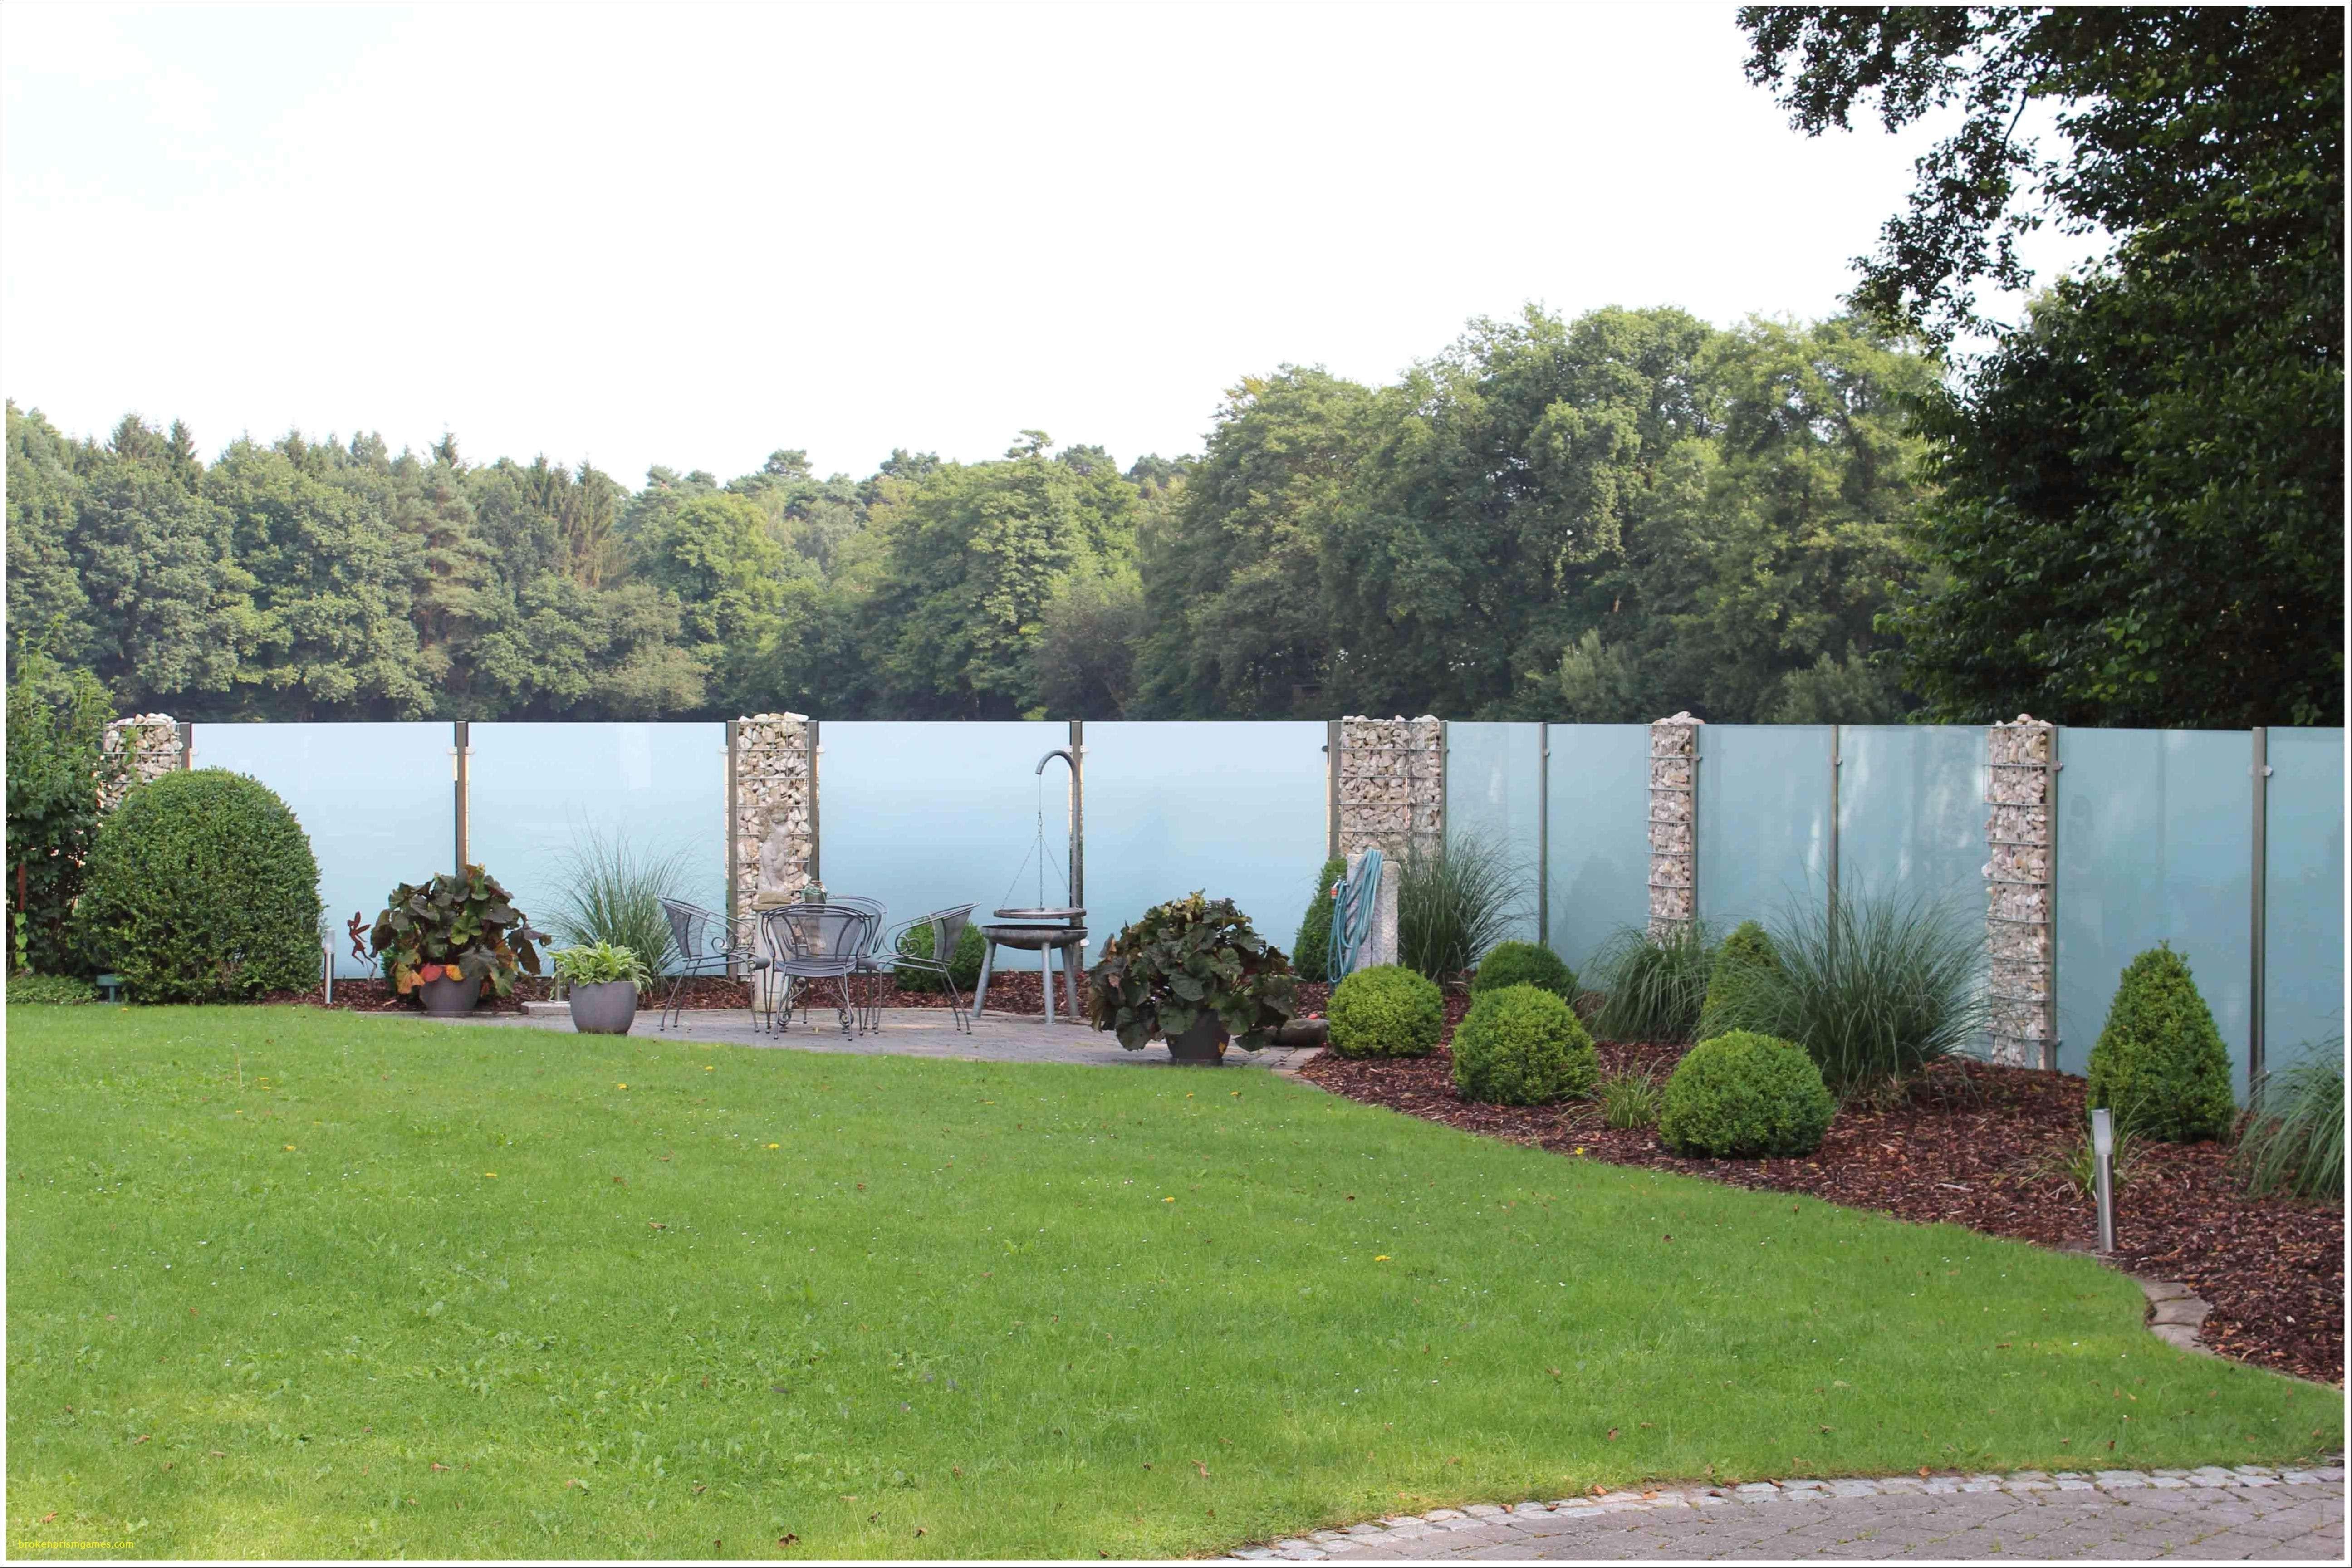 Baustelle von Garten Bronder Hecke am laufenden Meter